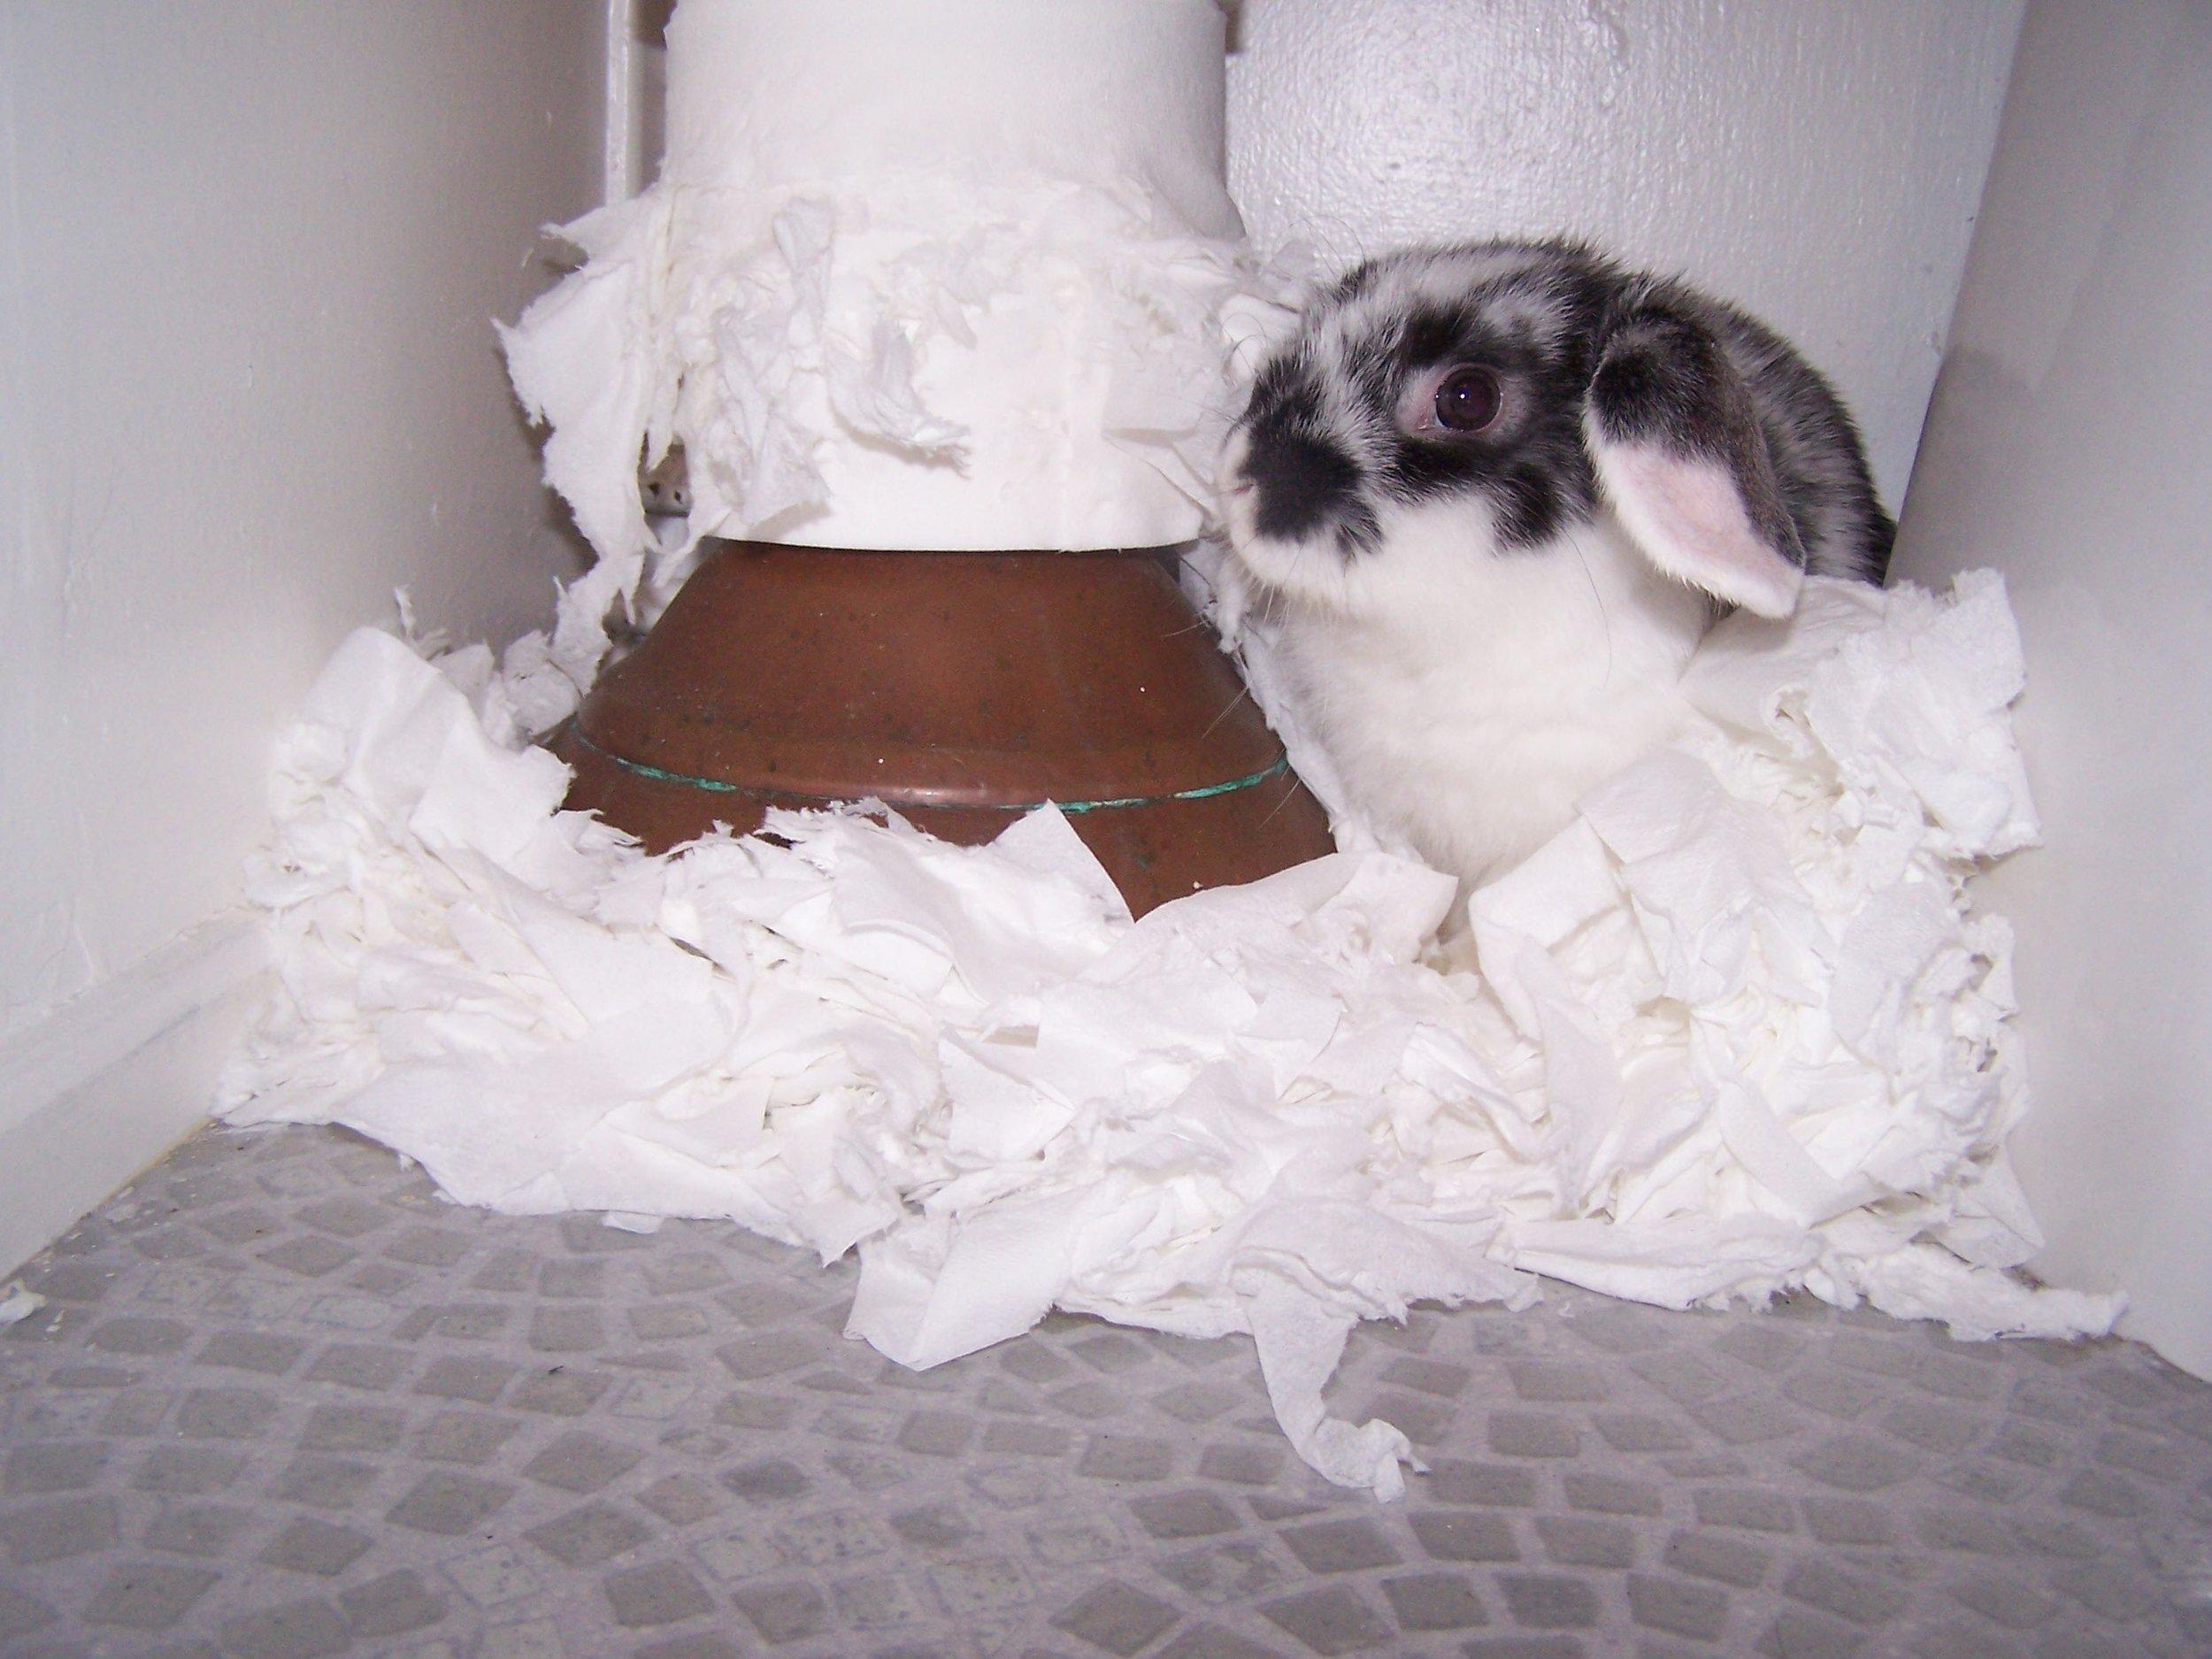 Bunny Is Caught Mid-Mischief!